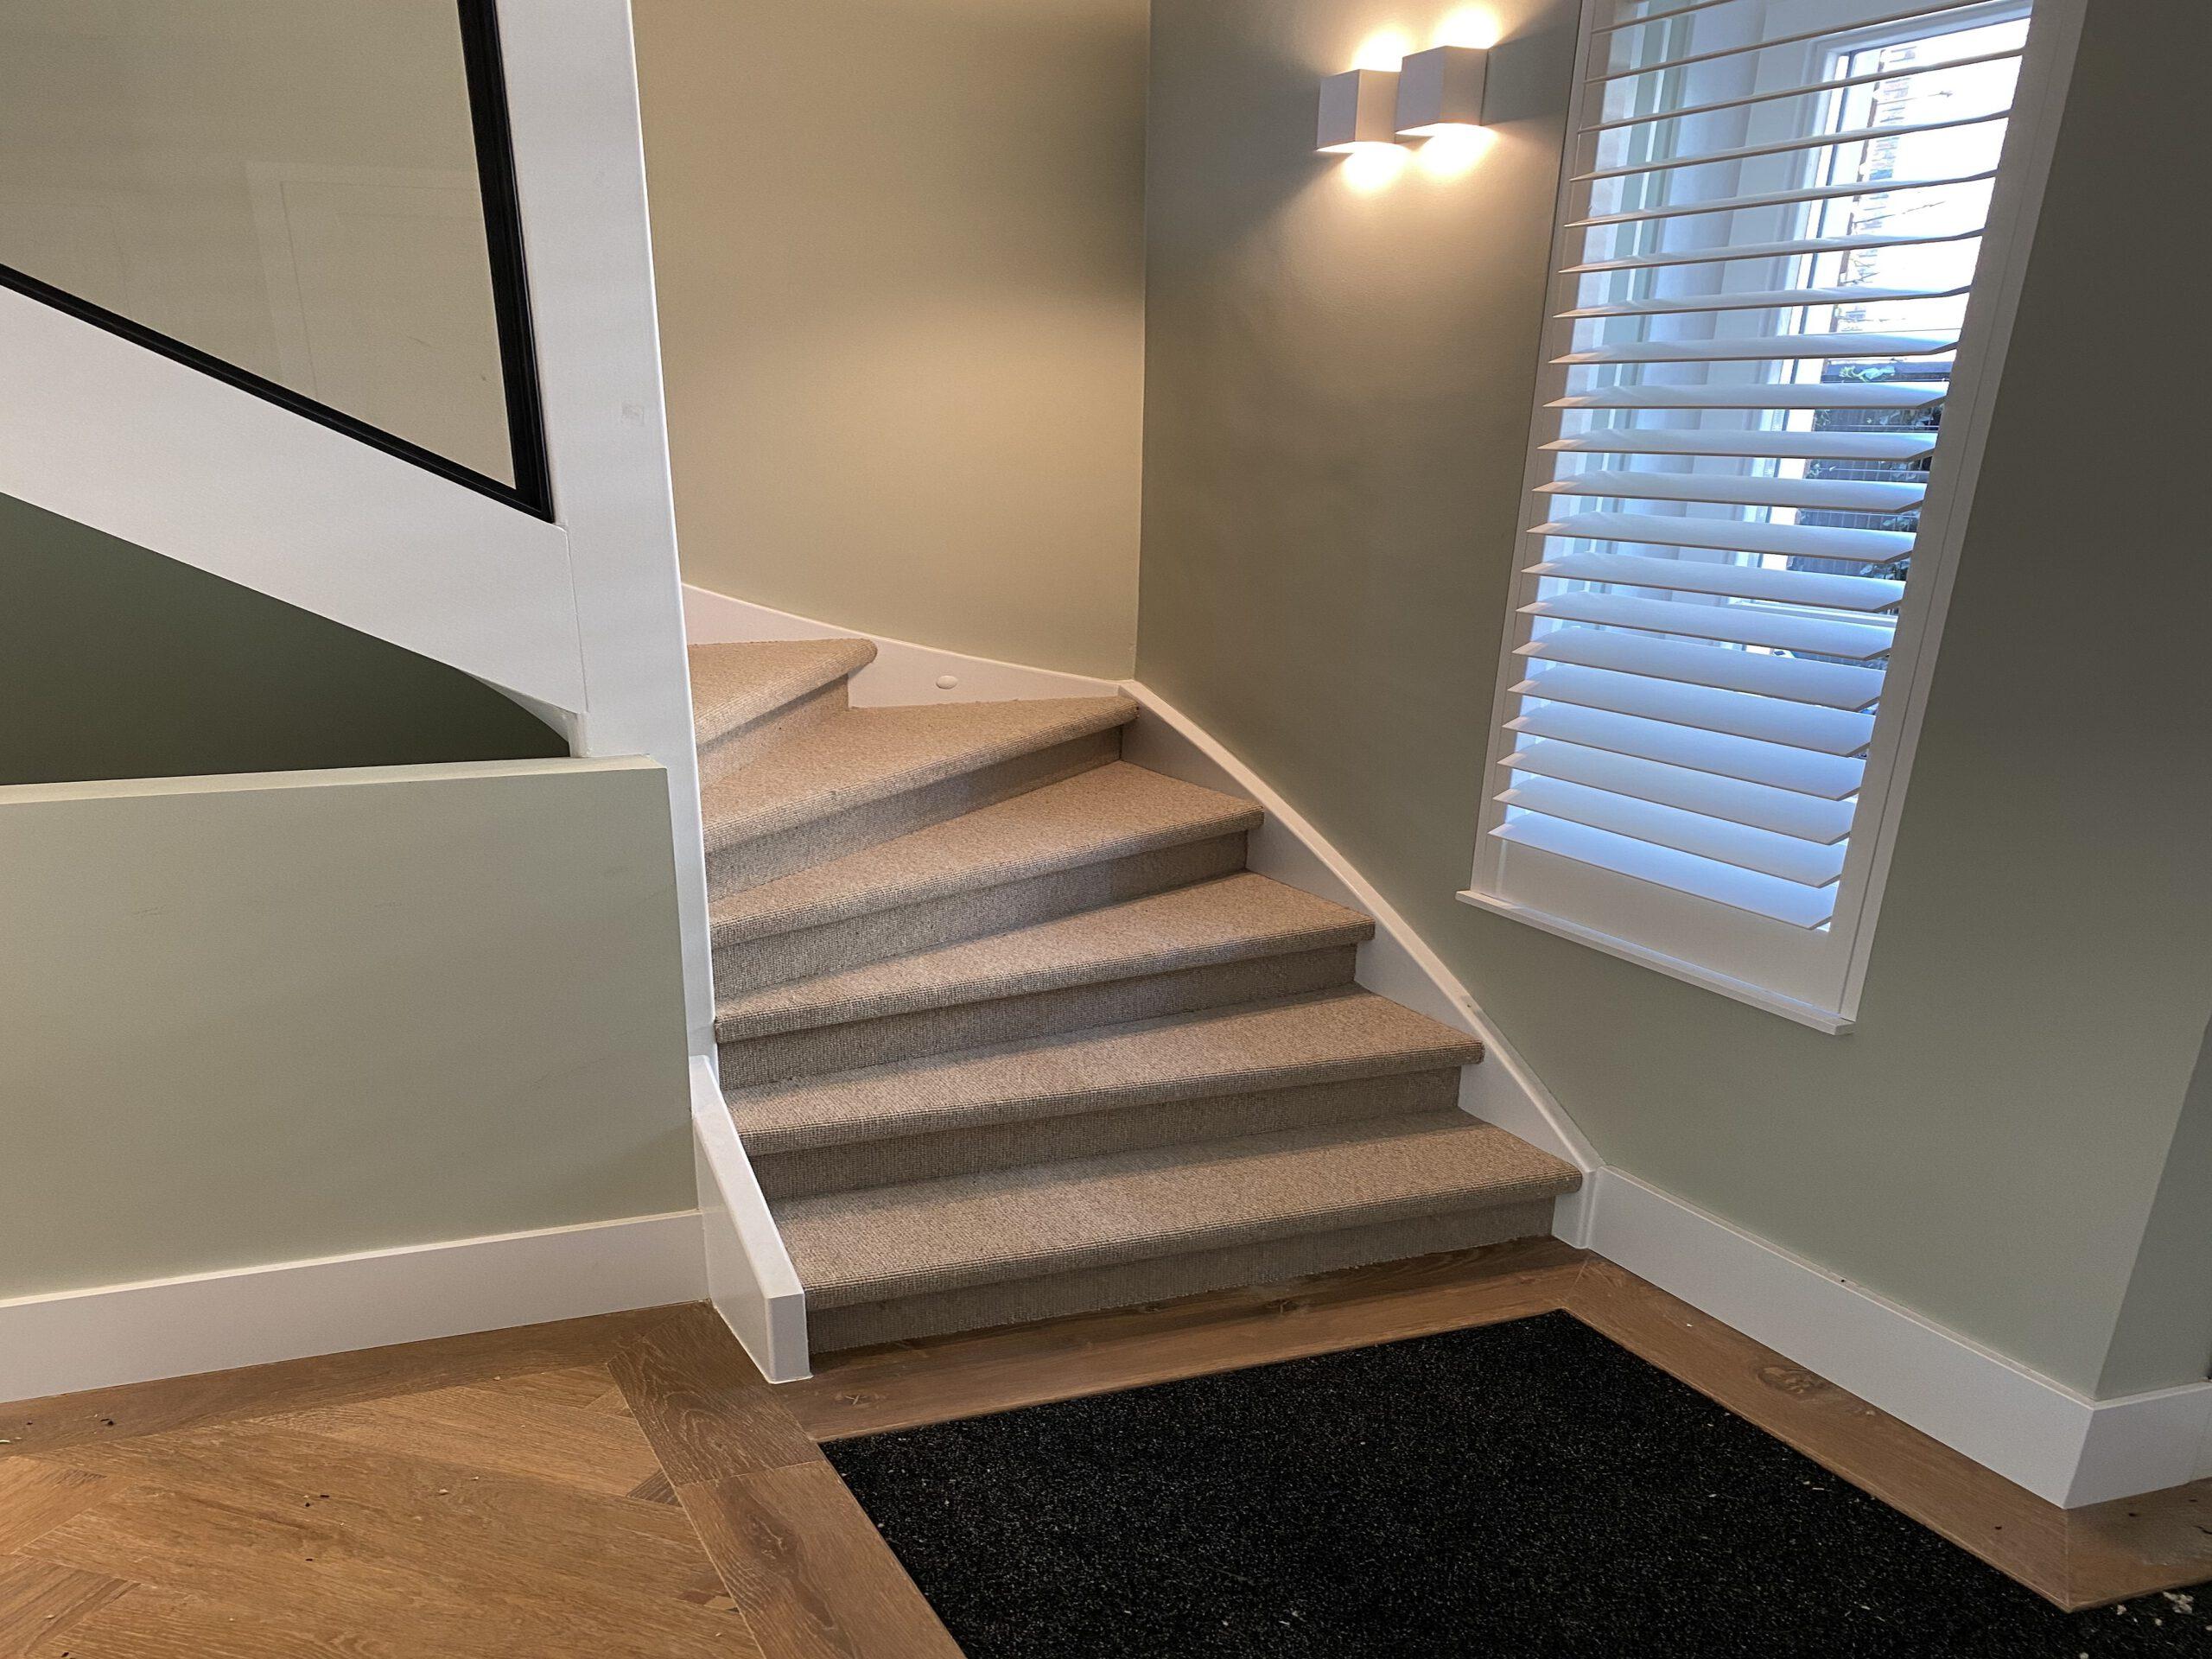 Trap renoveren met sisal tapijt. Verkrijgbaar in verschillende kleuren en structuur. 3